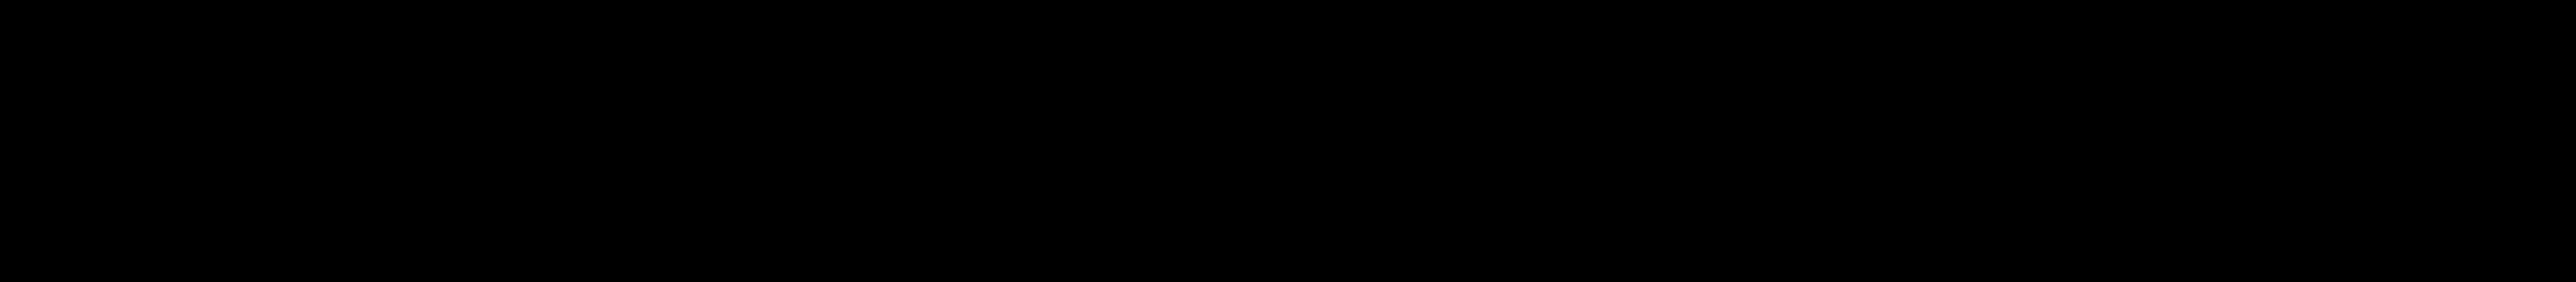 malaysia-tatler